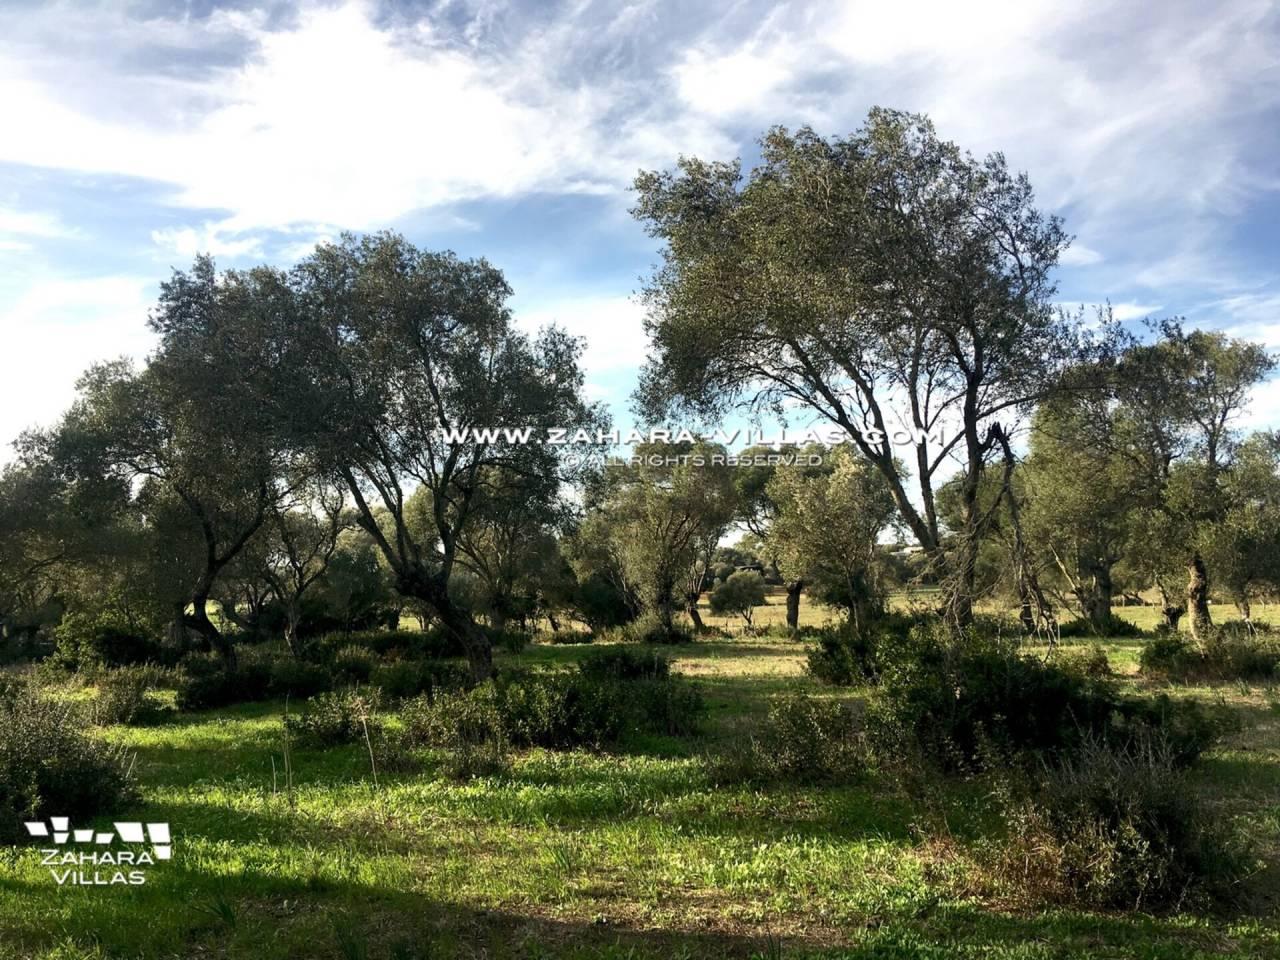 Imagen REF.000044 ubicada en Vejer de la Frontera